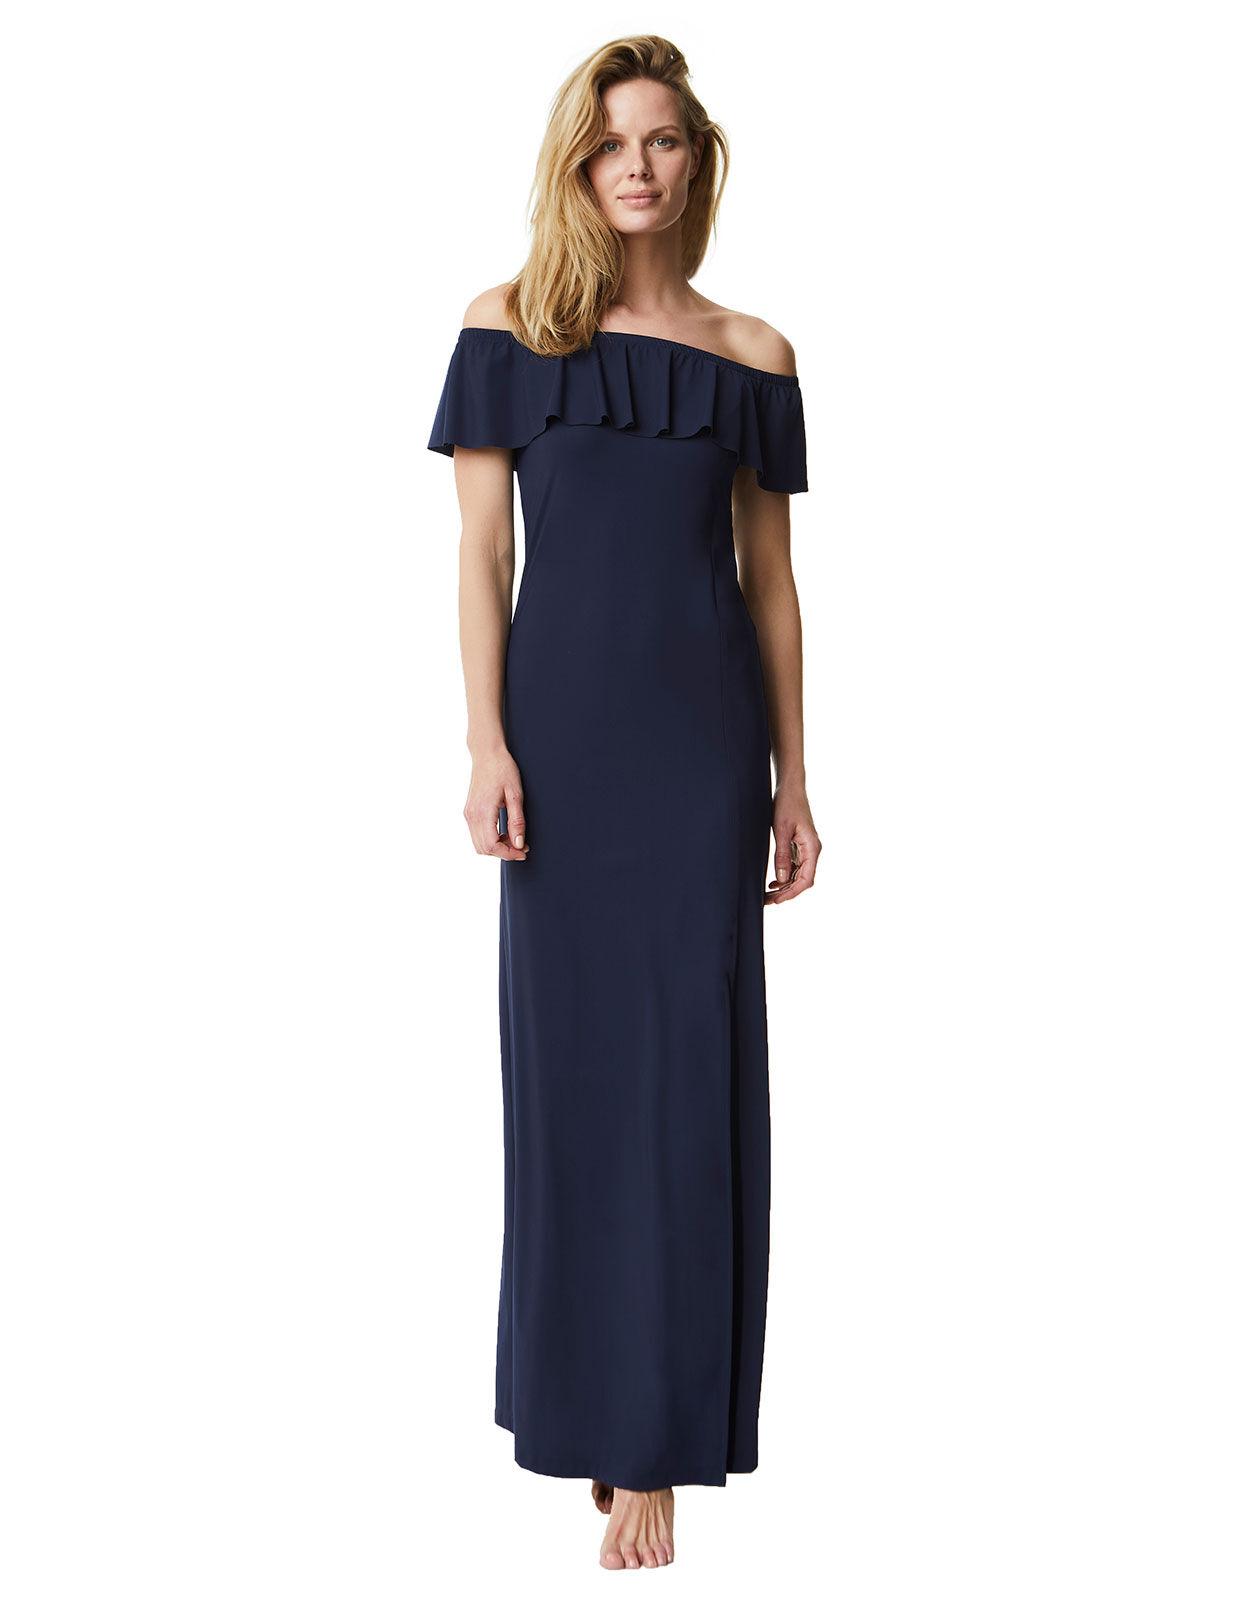 Abbildung von LaDress Aimee schulterfreies kleid blau